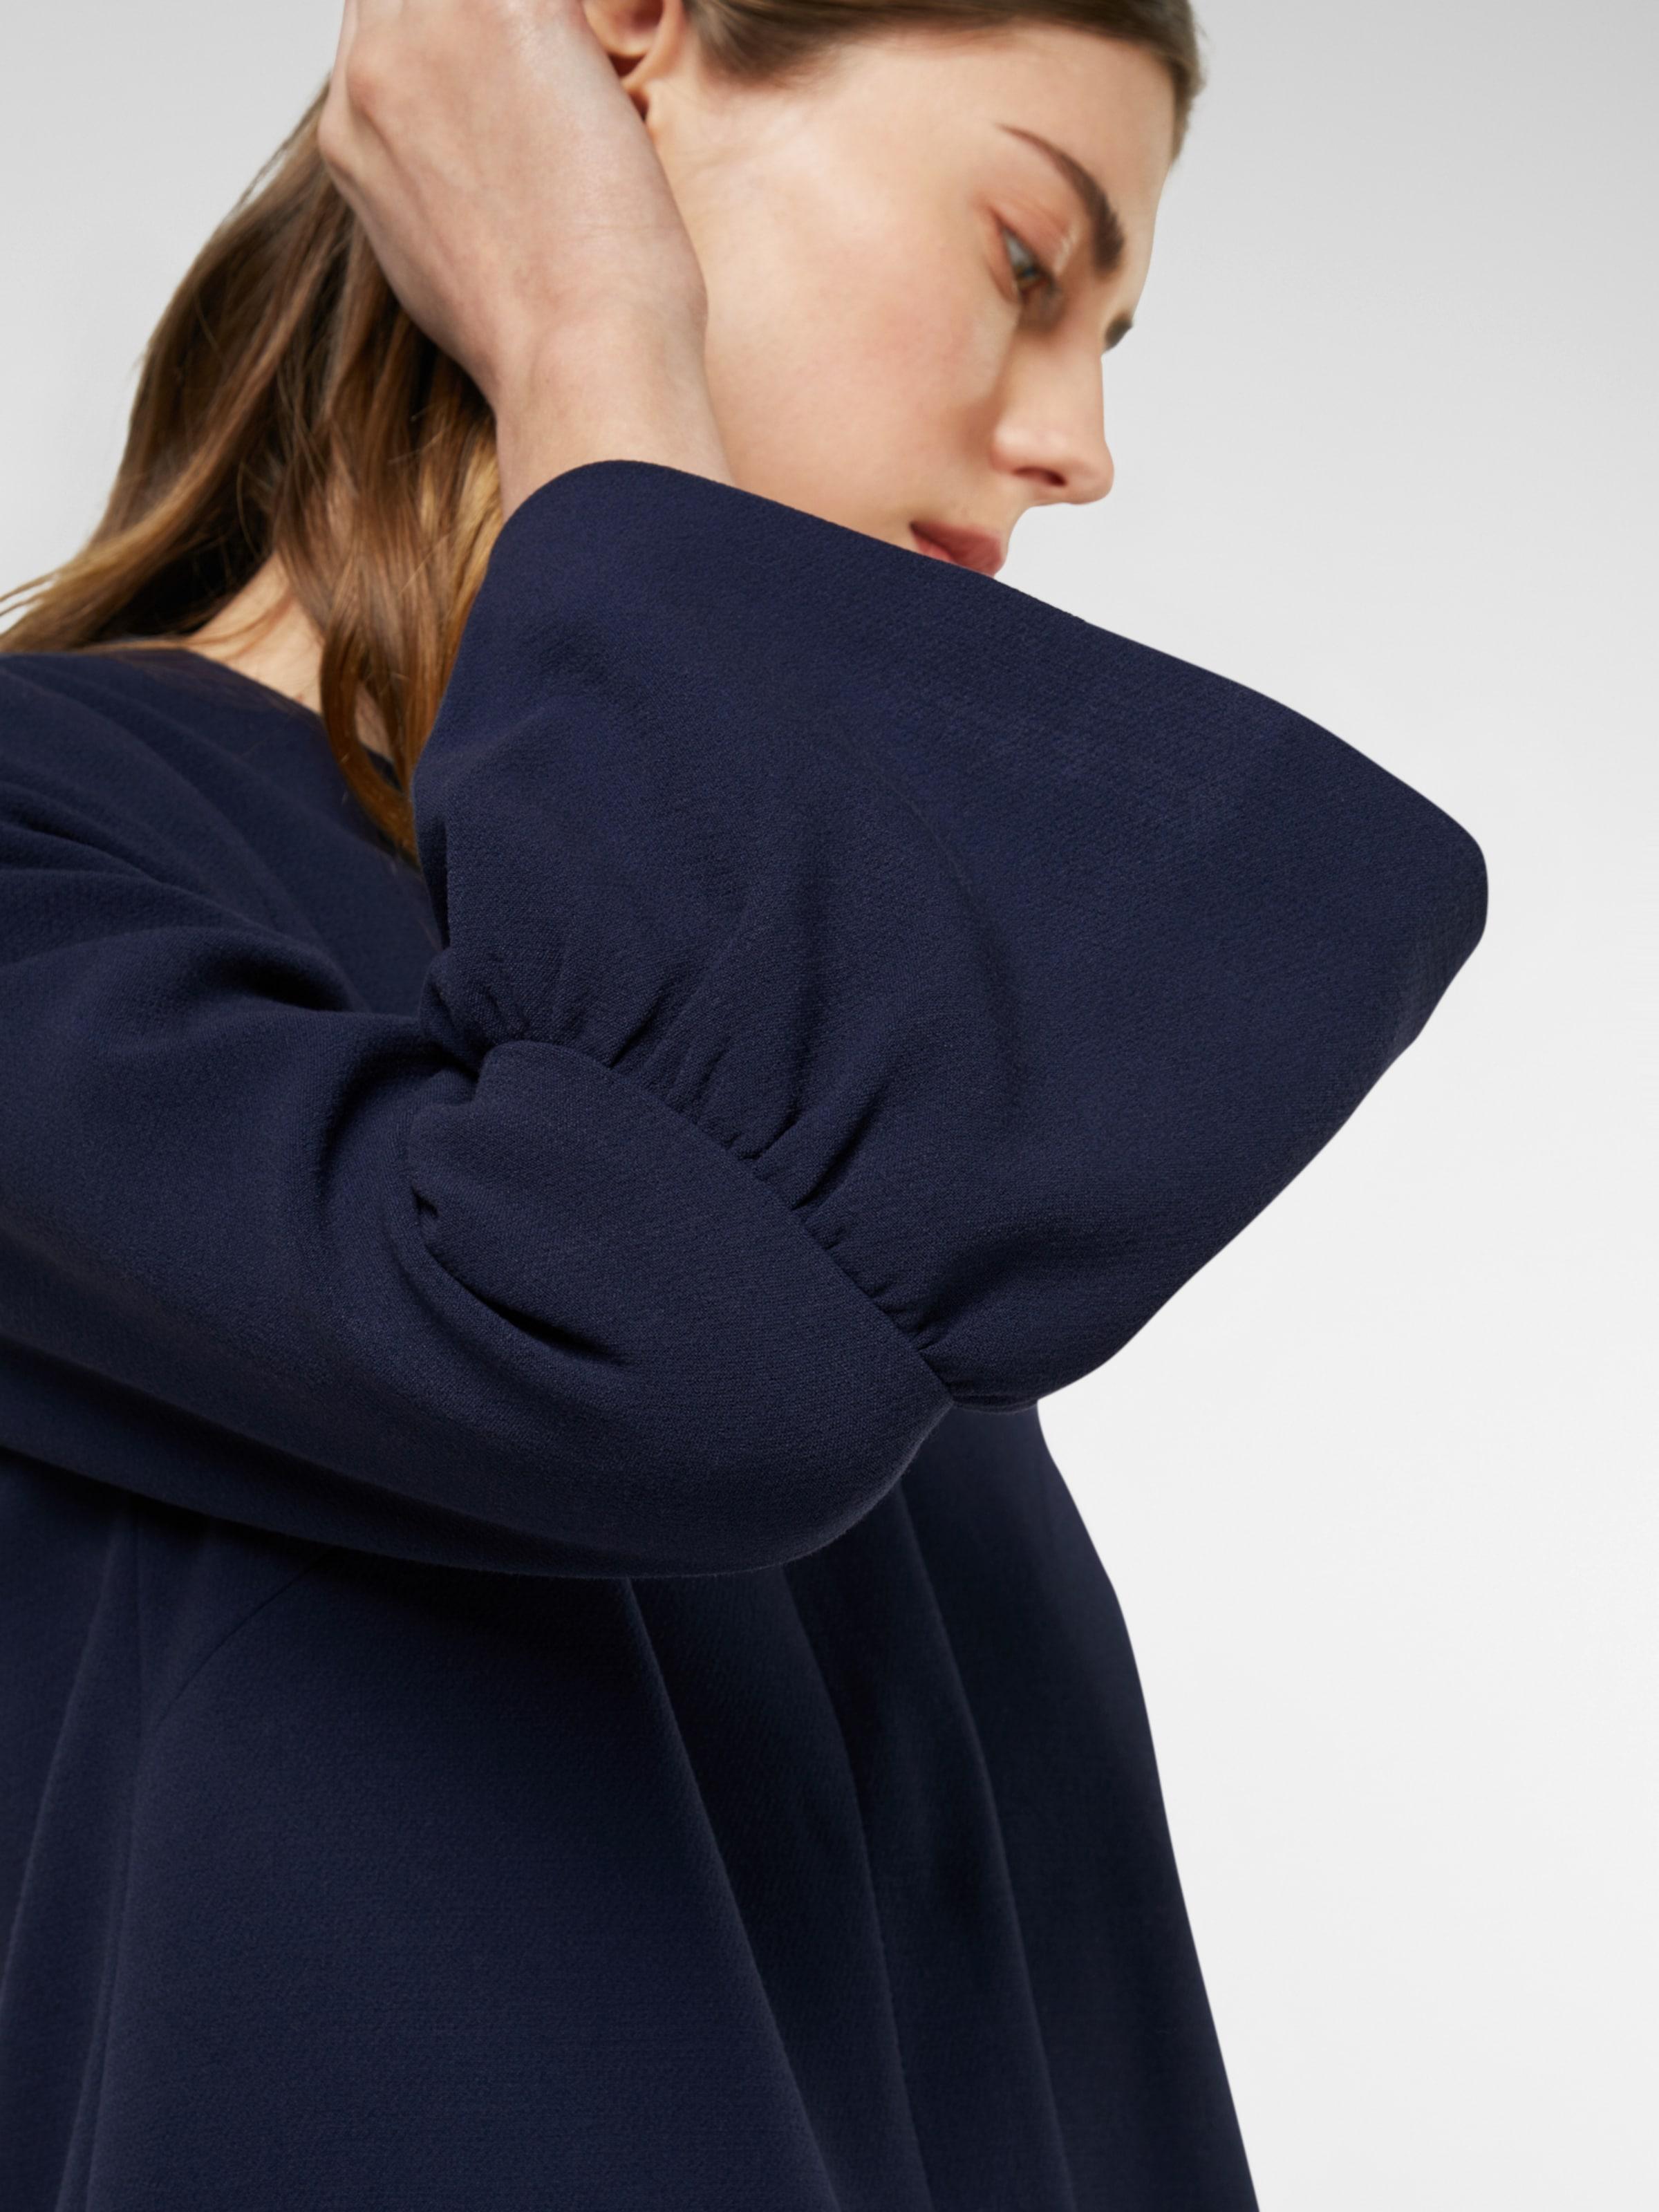 Sast Online TOM TAILOR Mantel 'trendy summer coat' Billig Kaufen Authentisch Auslass Perfekt Eastbay Günstig Online Beliebte Online-Verkauf Uri28Cr